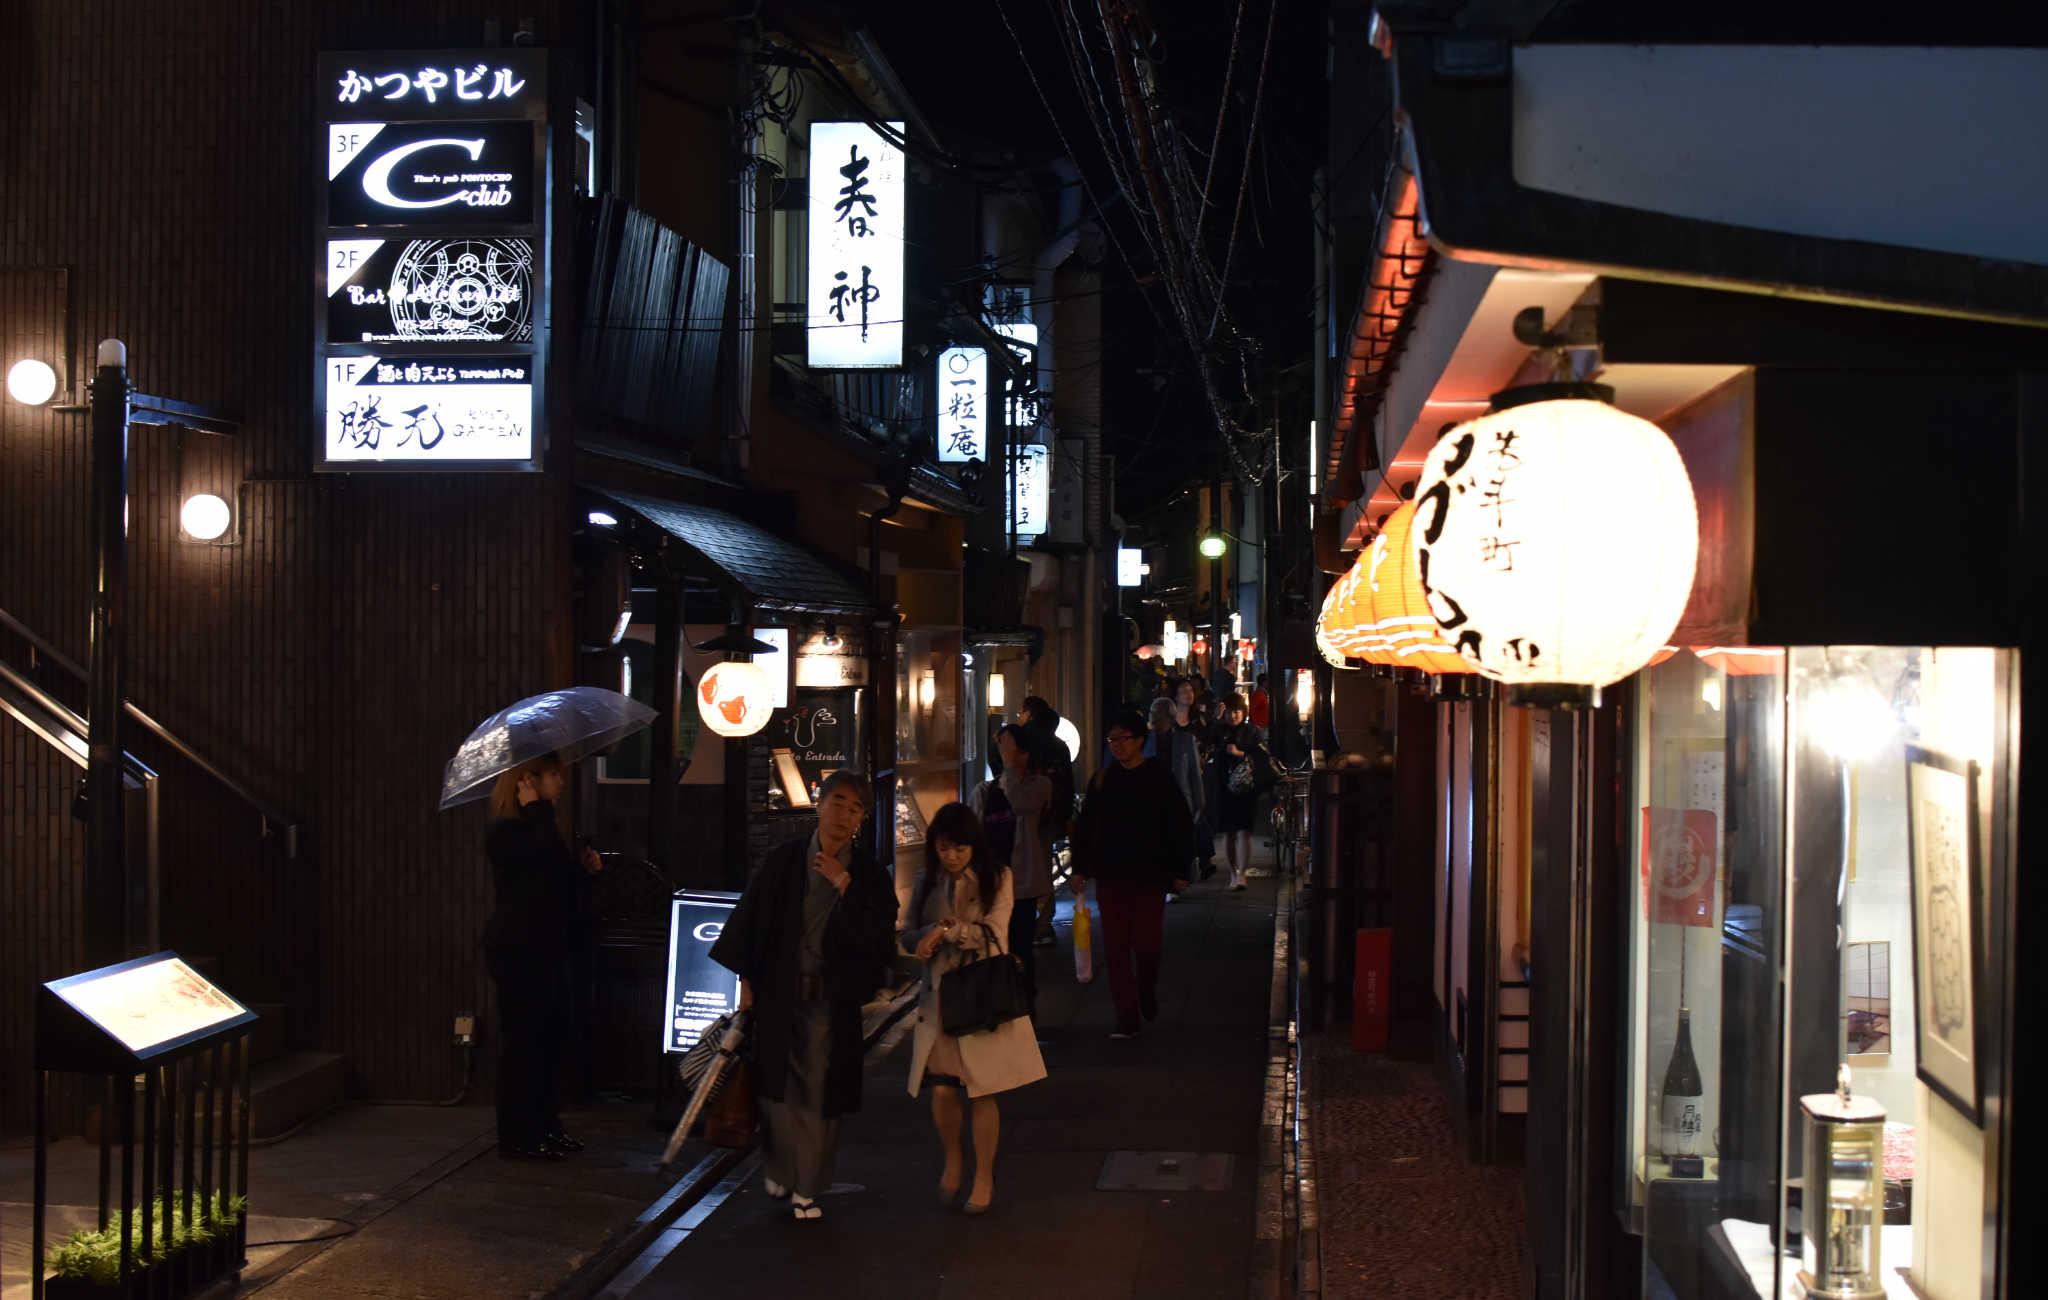 Le soir, tous les restaurants de Pontocho sont ouverts et les touristes s'y pressent